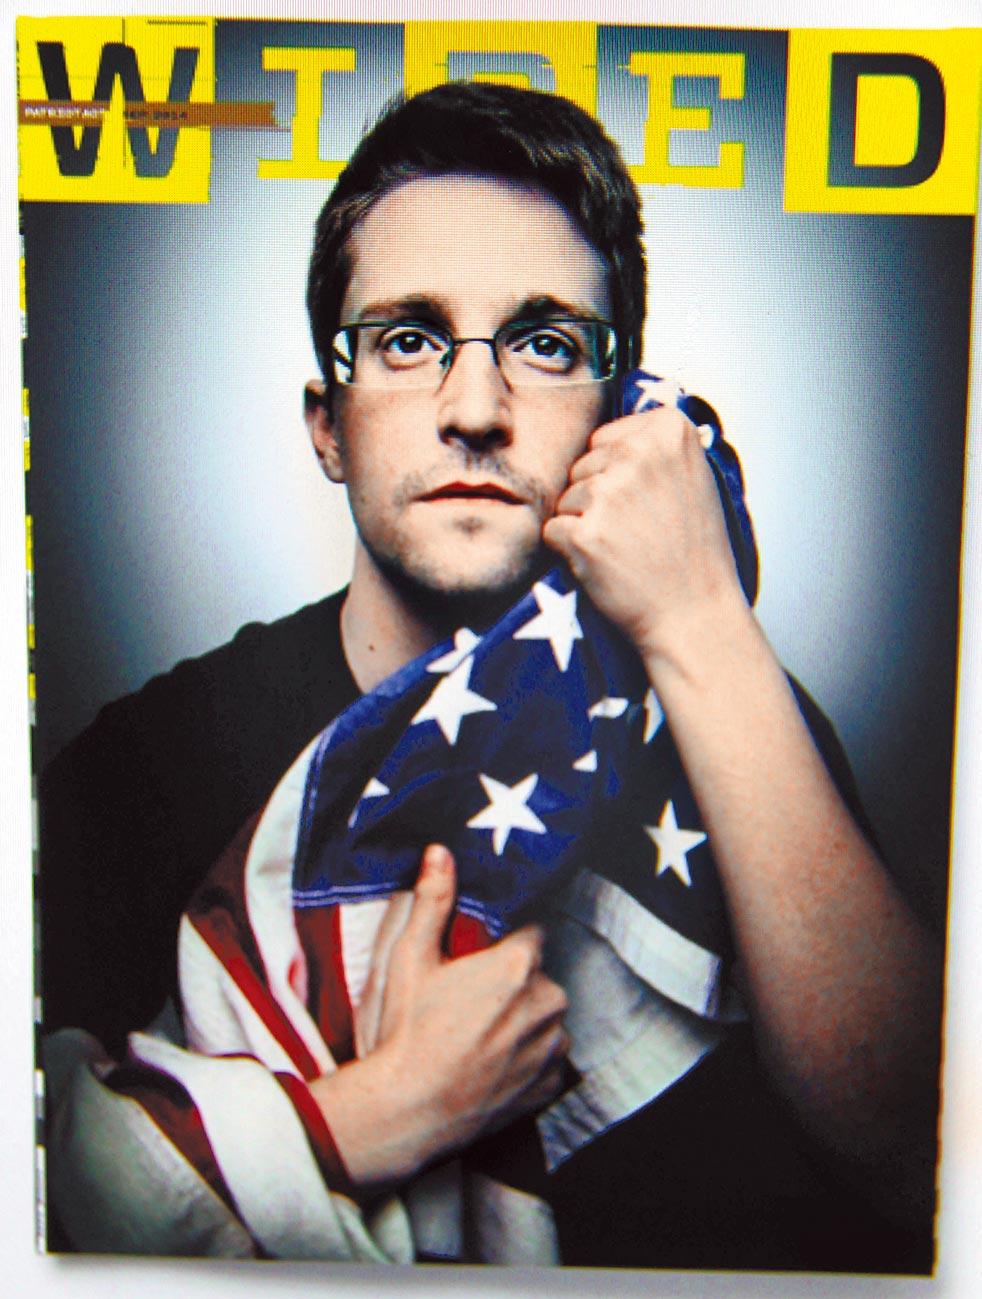 史諾登接受美國《連線》雜誌(wired)專訪照片。 (中新社資料照片)